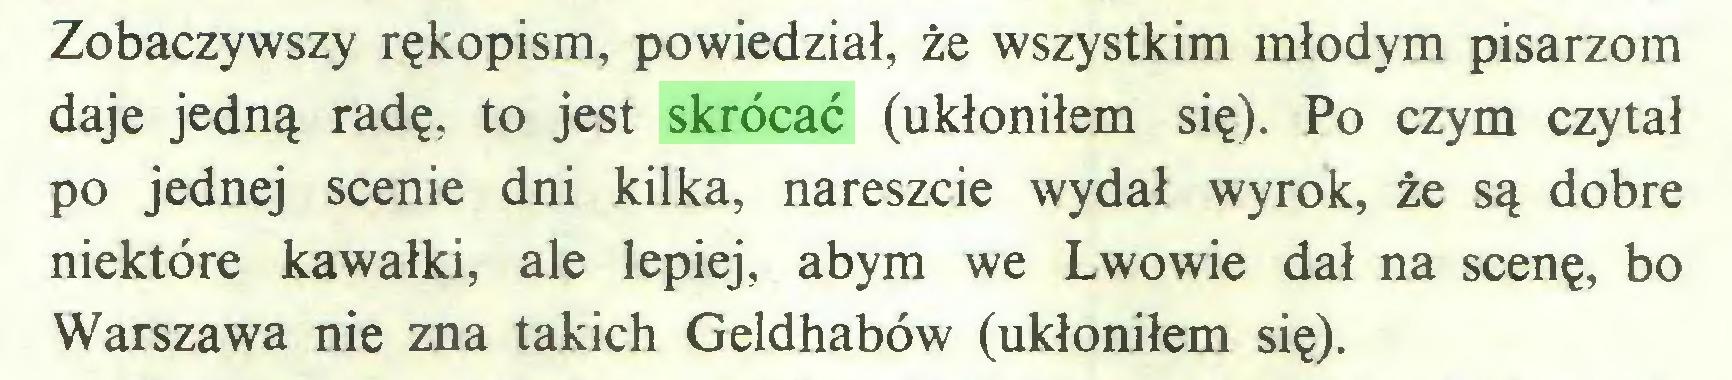 (...) Zobaczywszy rękopism, powiedział, że wszystkim młodym pisarzom daje jedną radę, to jest skrócać (ukłoniłem się). Po czym czytał po jednej scenie dni kilka, nareszcie wydał wyrok, że są dobre niektóre kawałki, ale lepiej, abym we Lwowie dał na scenę, bo Warszawa nie zna takich Geldhabów (ukłoniłem się)...